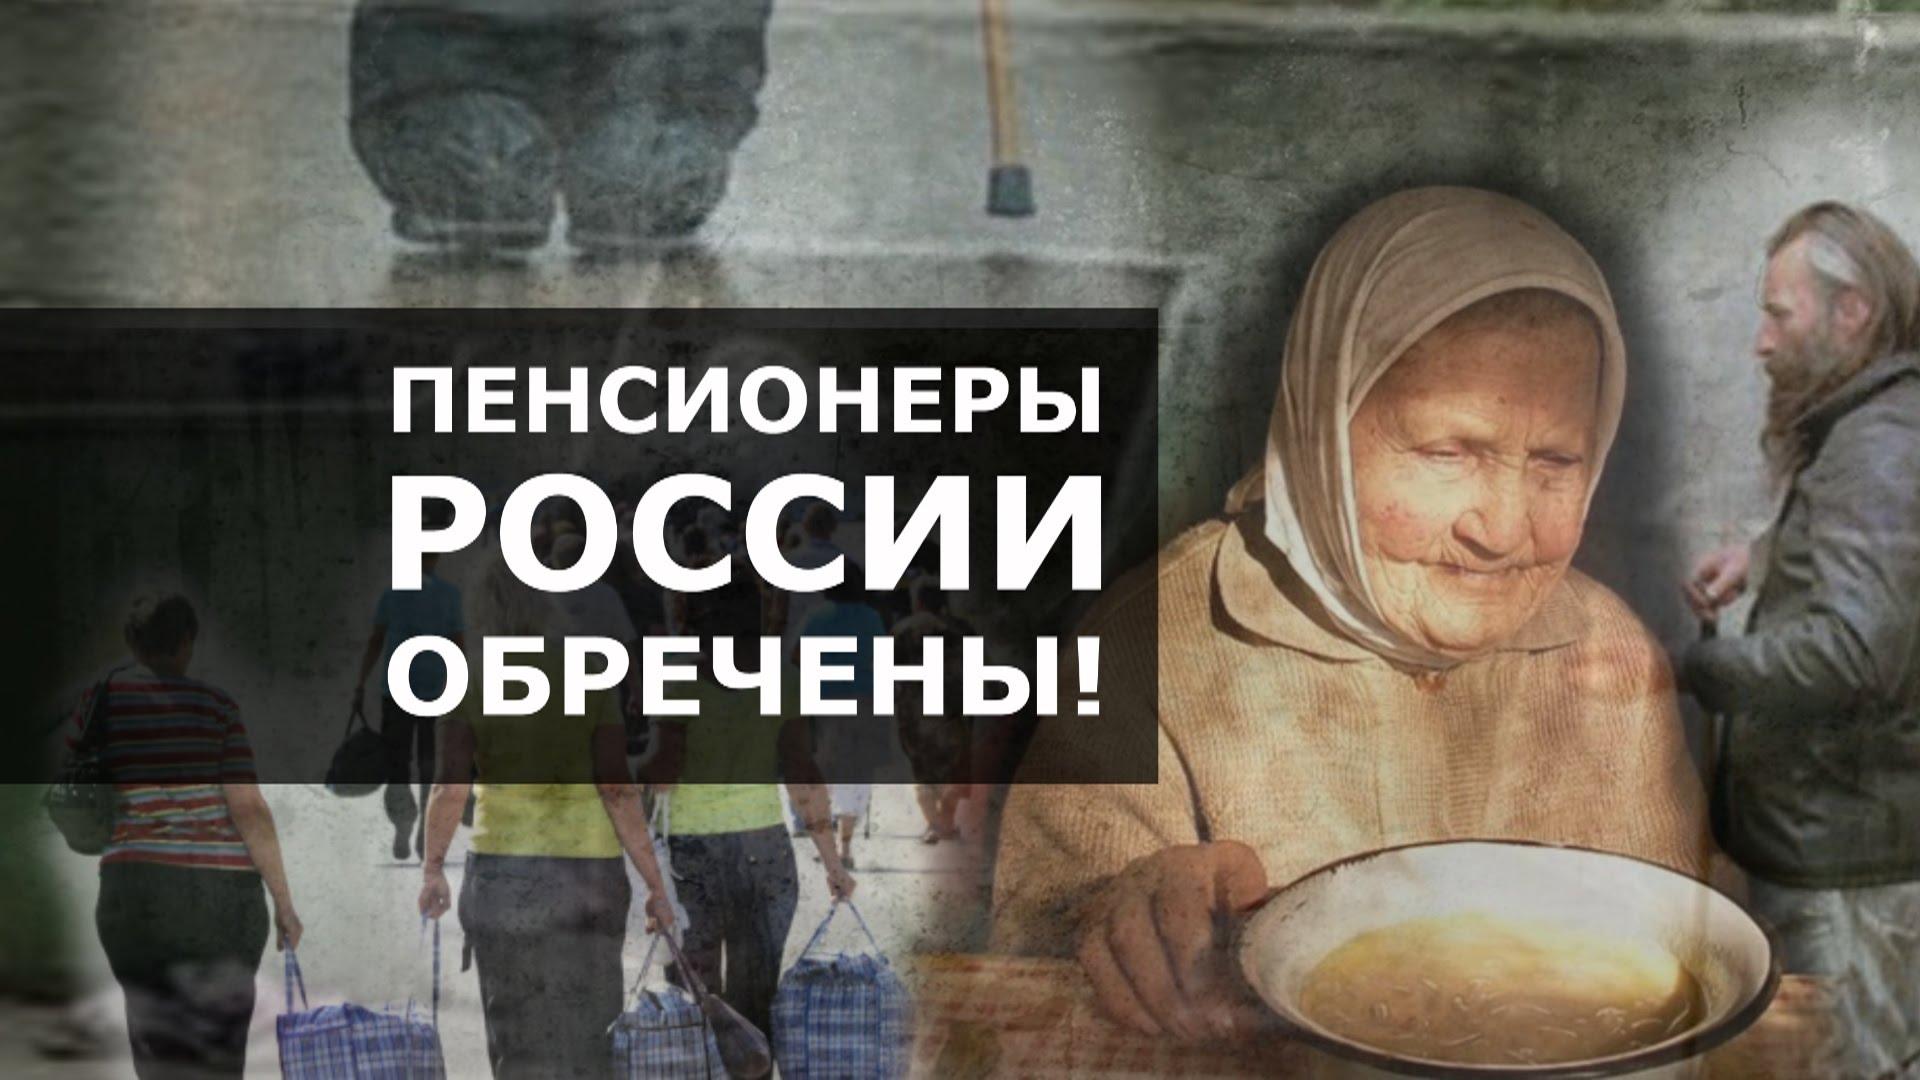 пенсионеры россии обречены картинки уаз патриот одна